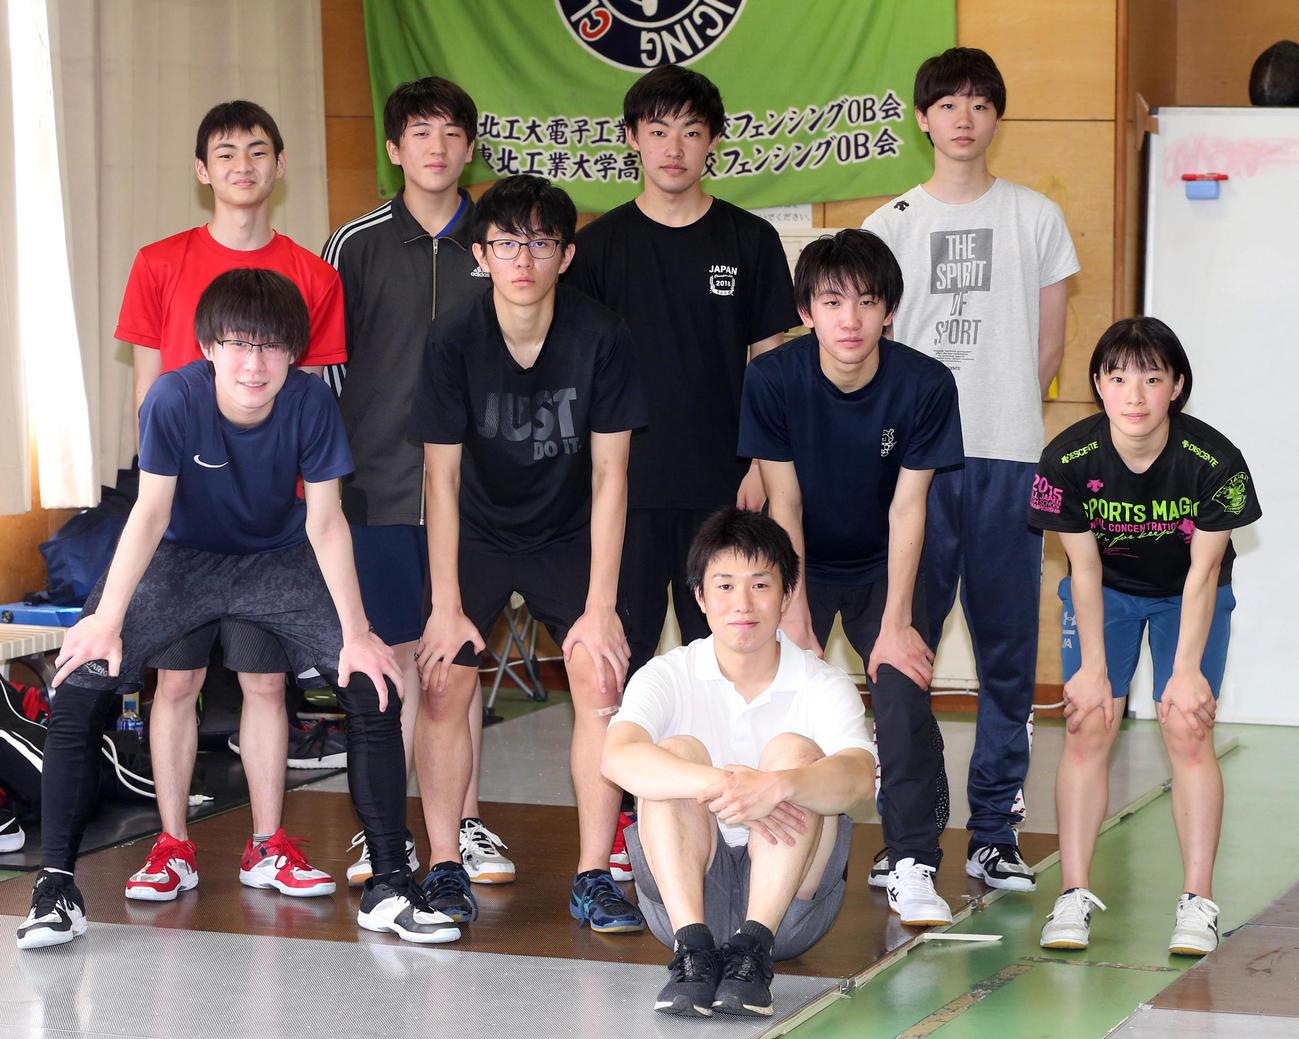 仙台城南フェンシング部の選手たち。手前は淡路監督(撮影・野上伸悟)